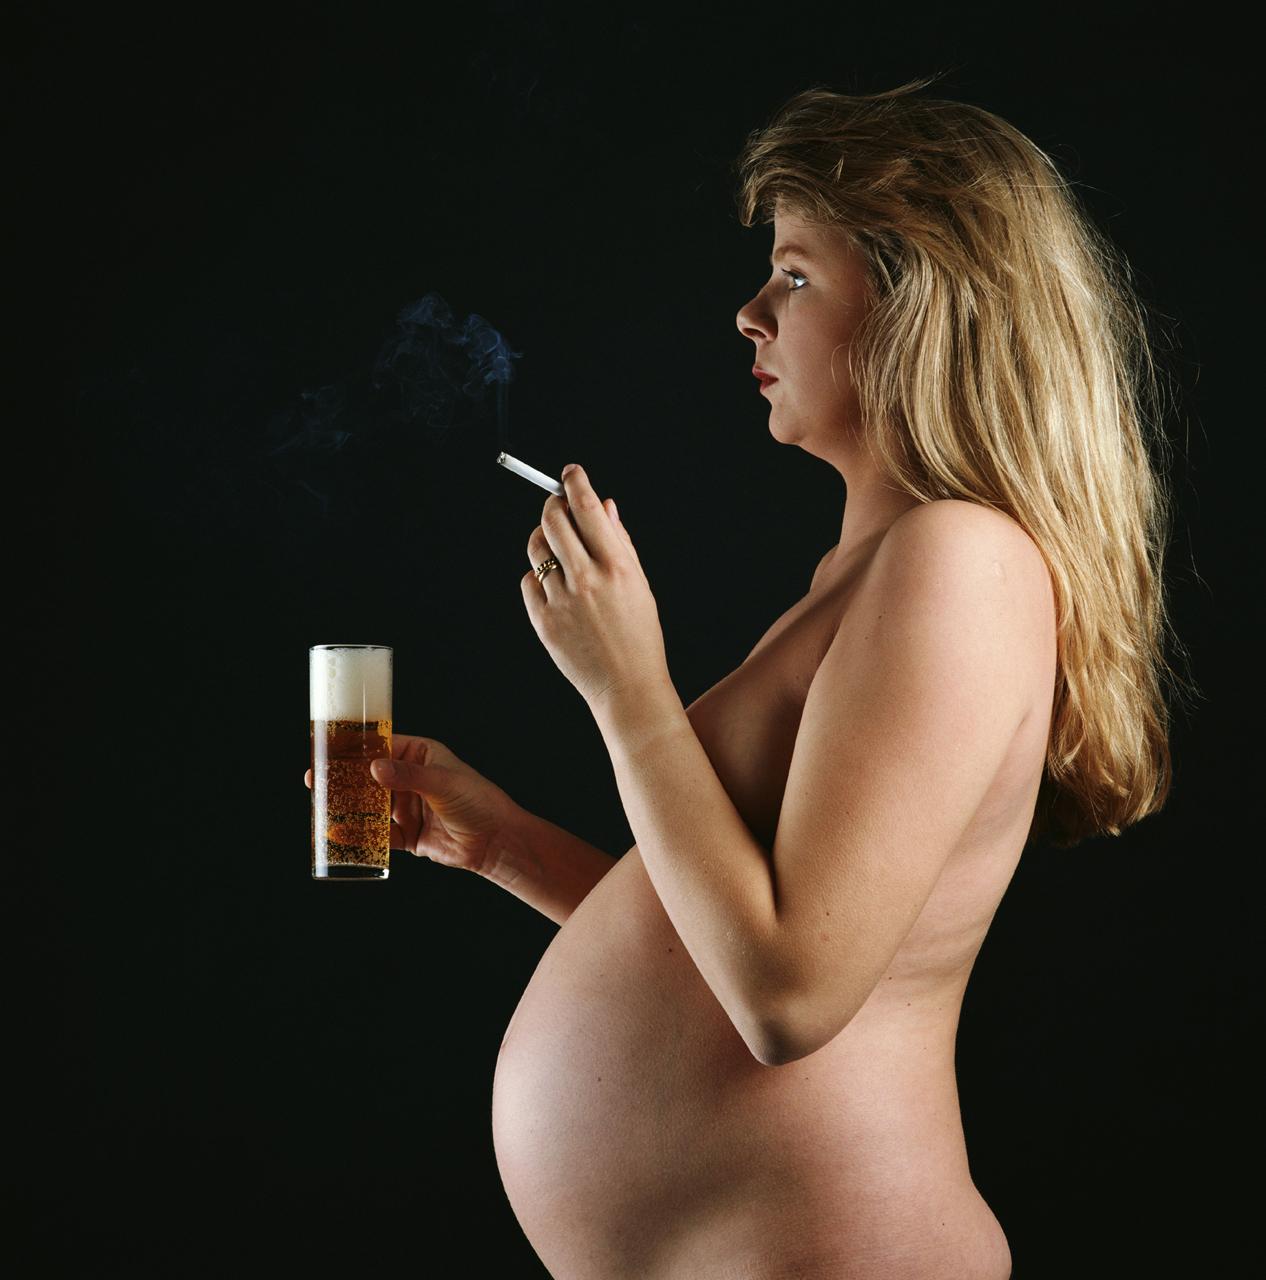 Курение и алкоголь при беременности